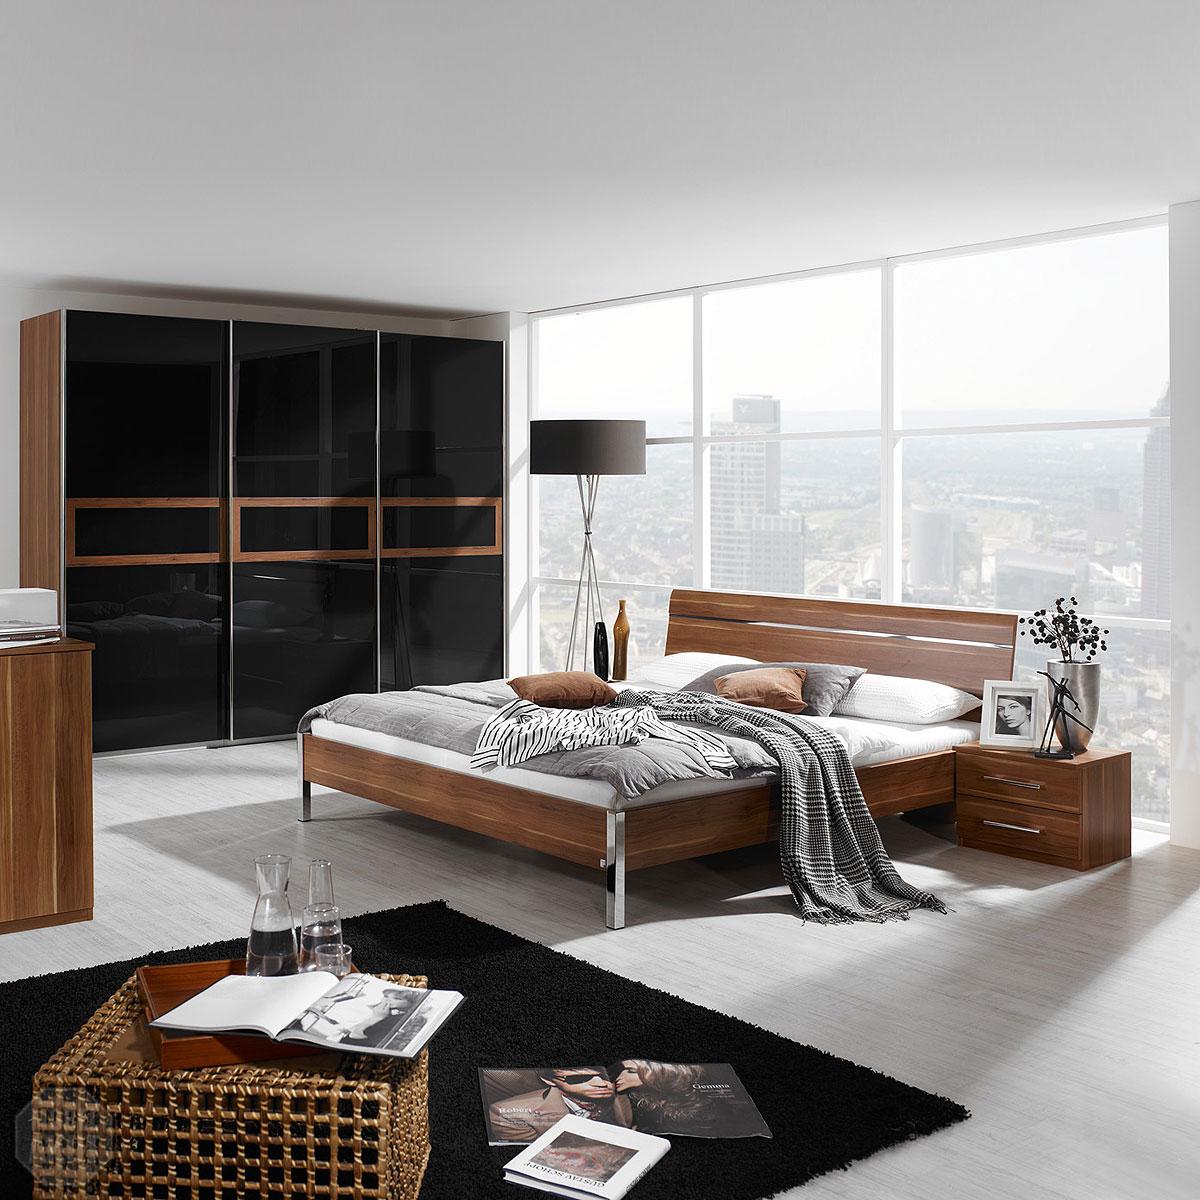 schlafzimmer set perfora bett schrank nachtkommode kern nussbaum basalt chrom ebay. Black Bedroom Furniture Sets. Home Design Ideas